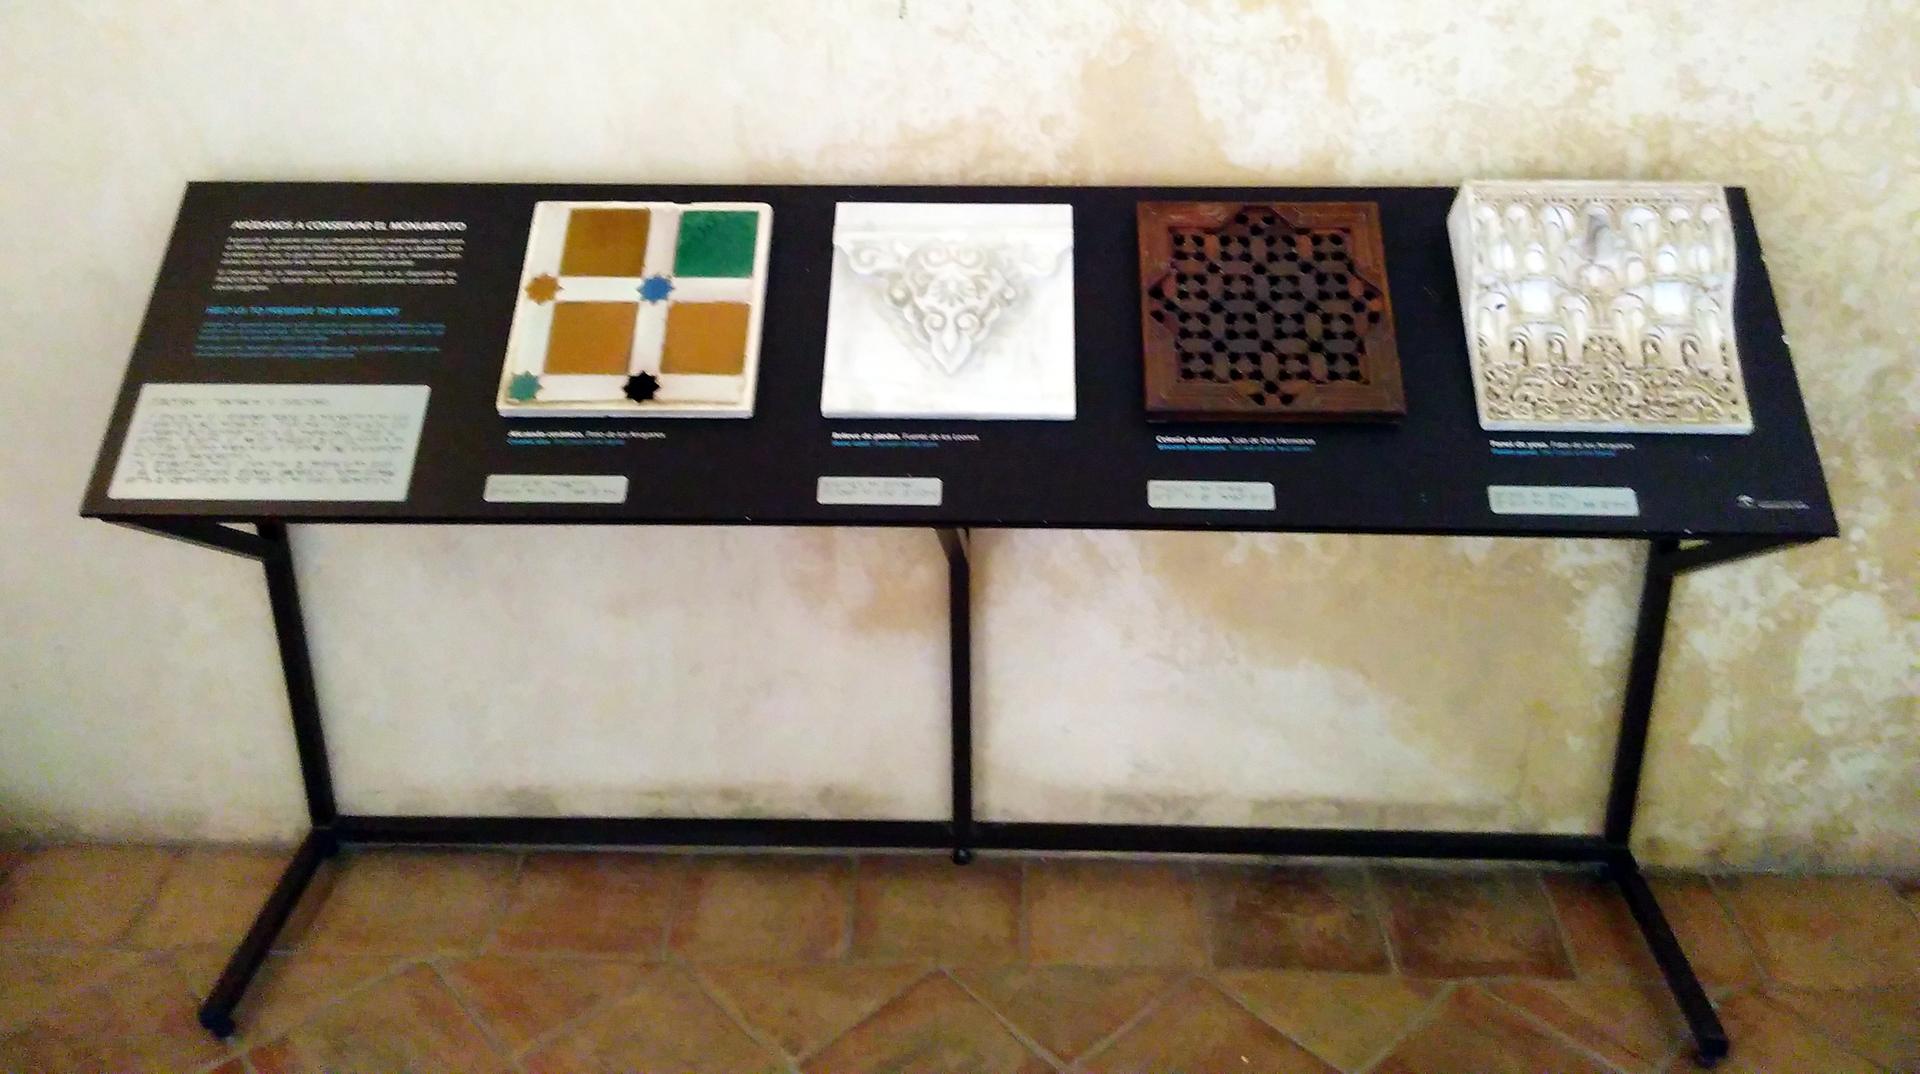 Tastmodelle mit Beschreibung in tastbarer Schrift und Braille-Schrift von Ornamenten aus Alhambra